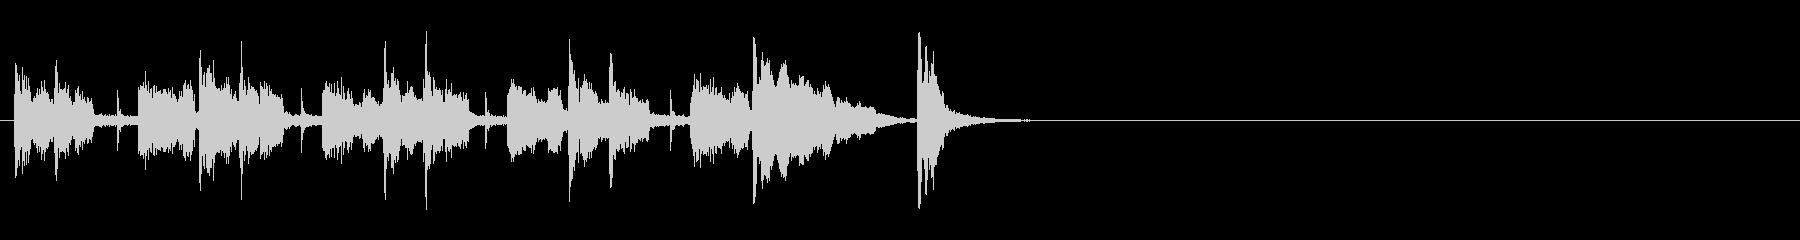 クイズ・アトラクション用ジングルの未再生の波形